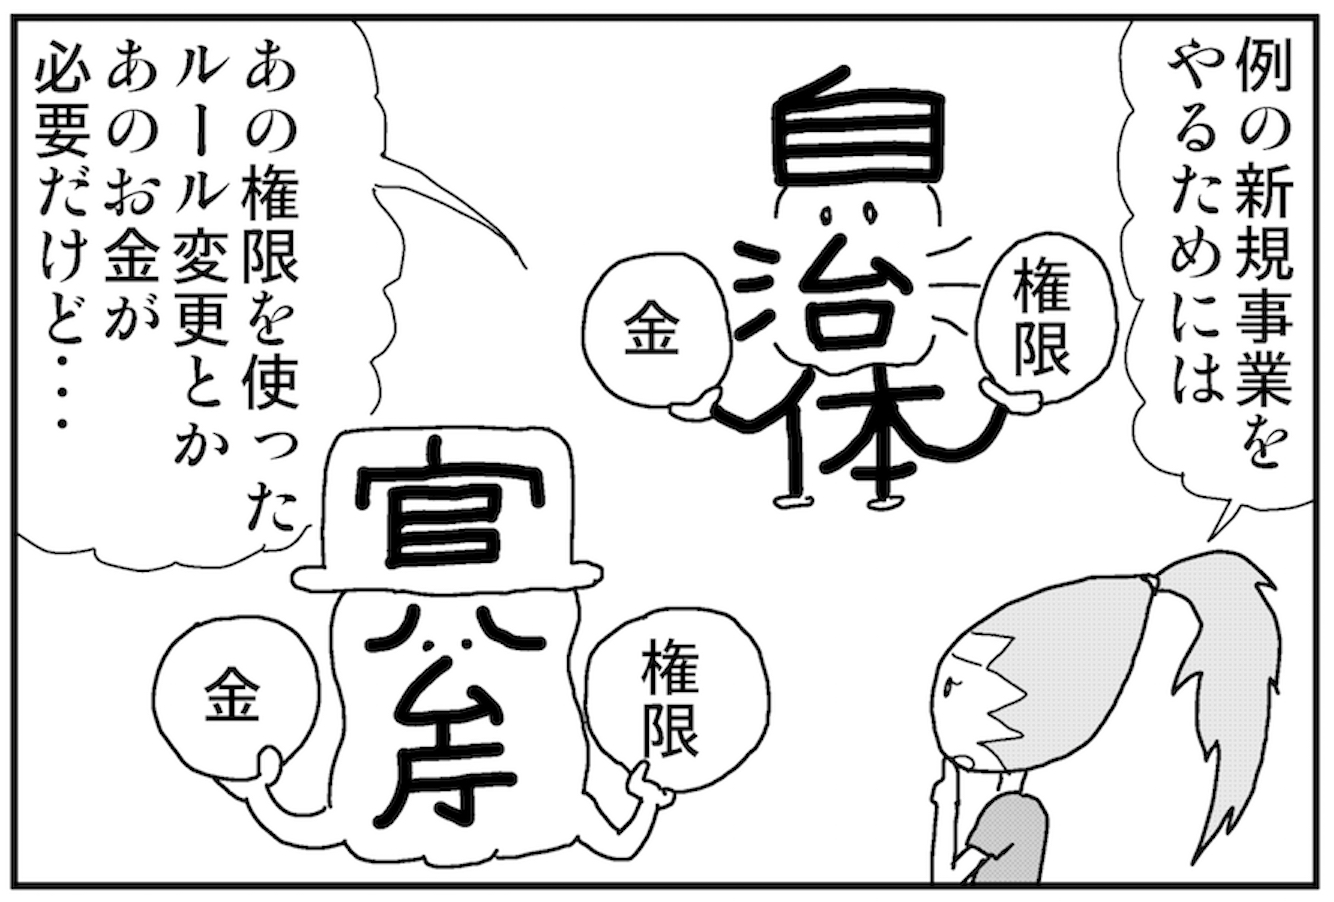 【連載/4コマ漫画コラム(55)】 新規事業を進めるための 自治体や官公庁との付き合い方(動かし方)